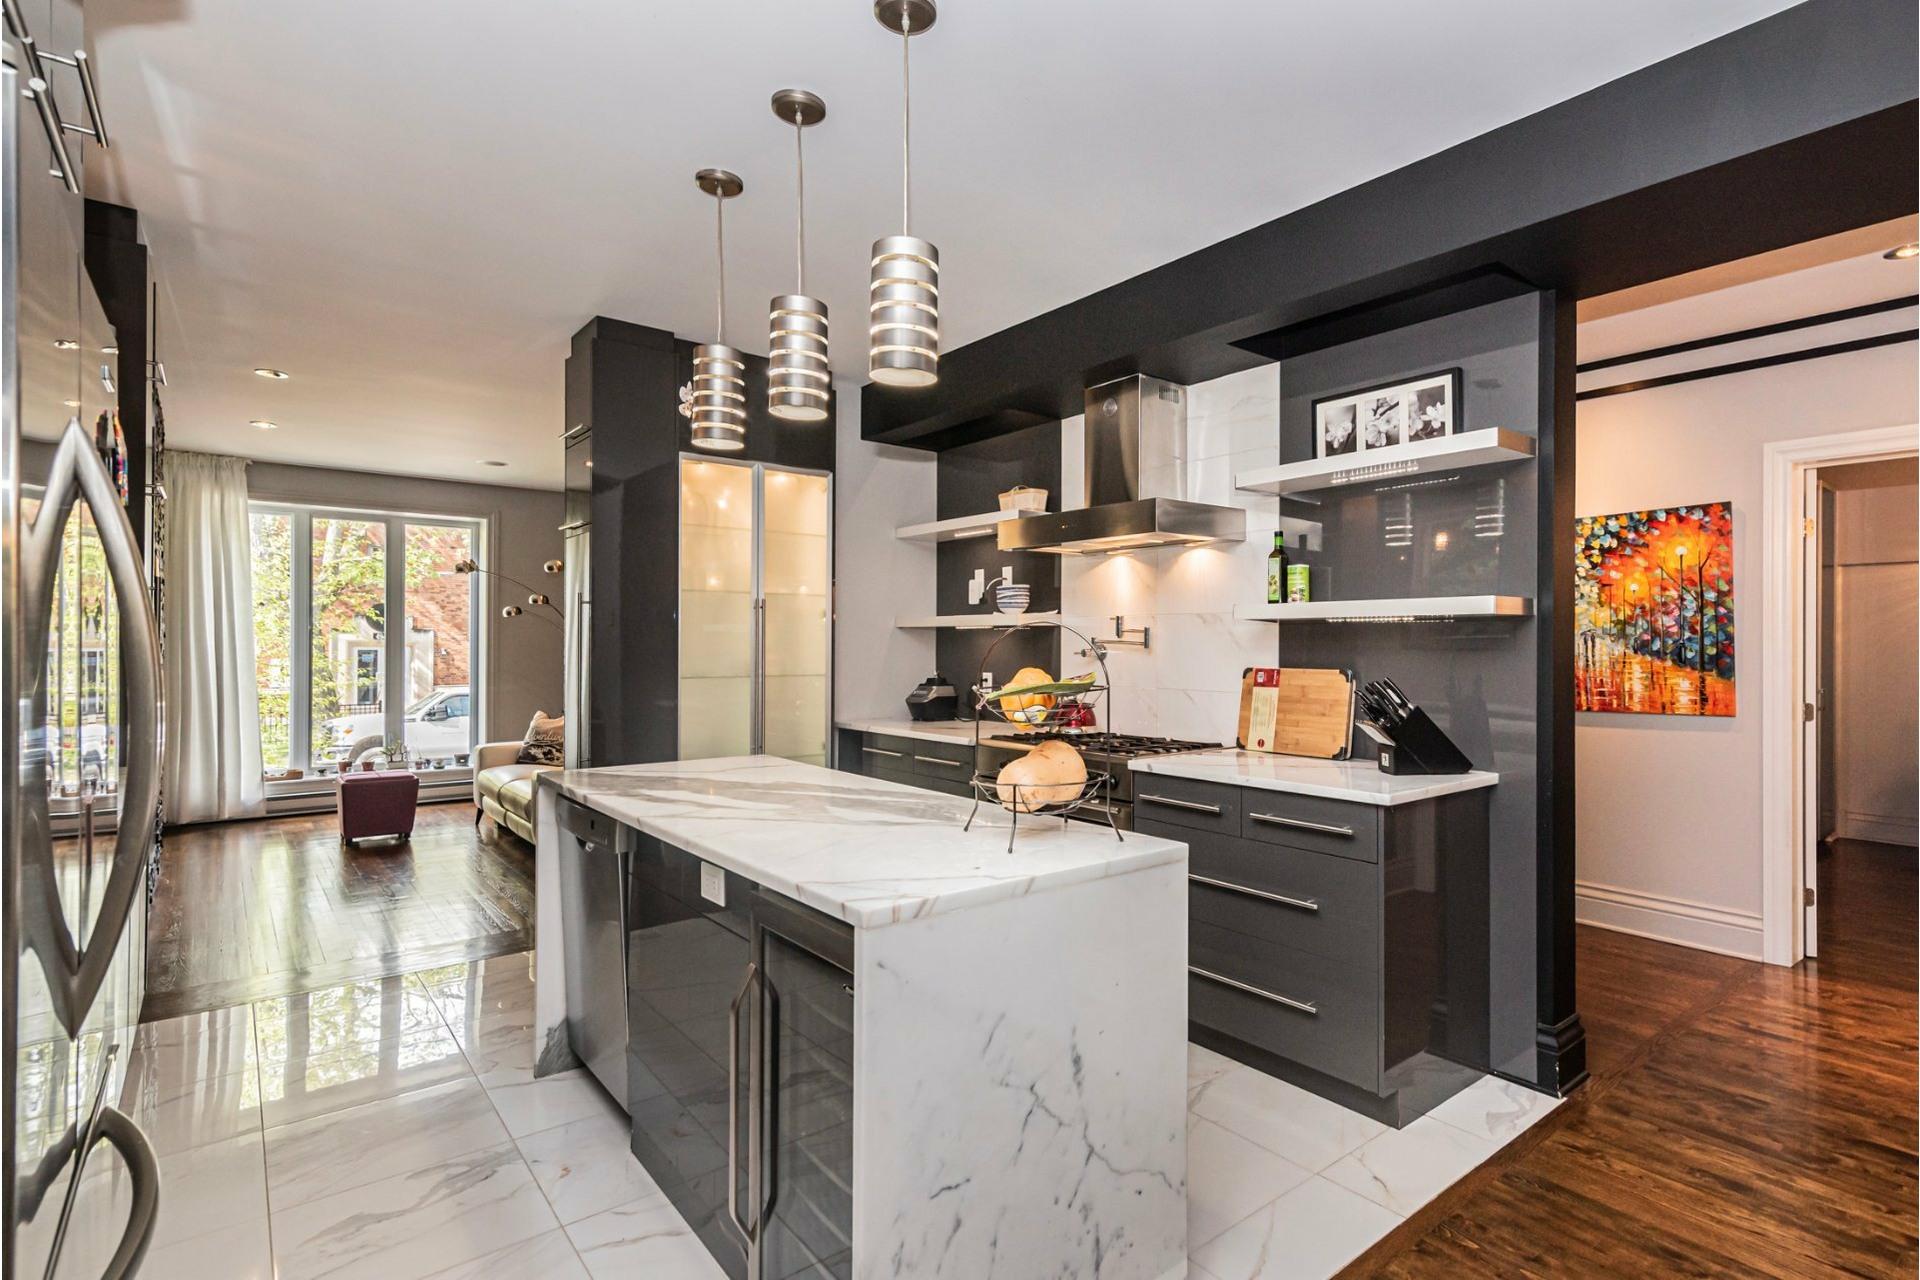 image 10 - Appartement À vendre Côte-des-Neiges/Notre-Dame-de-Grâce Montréal  - 10 pièces